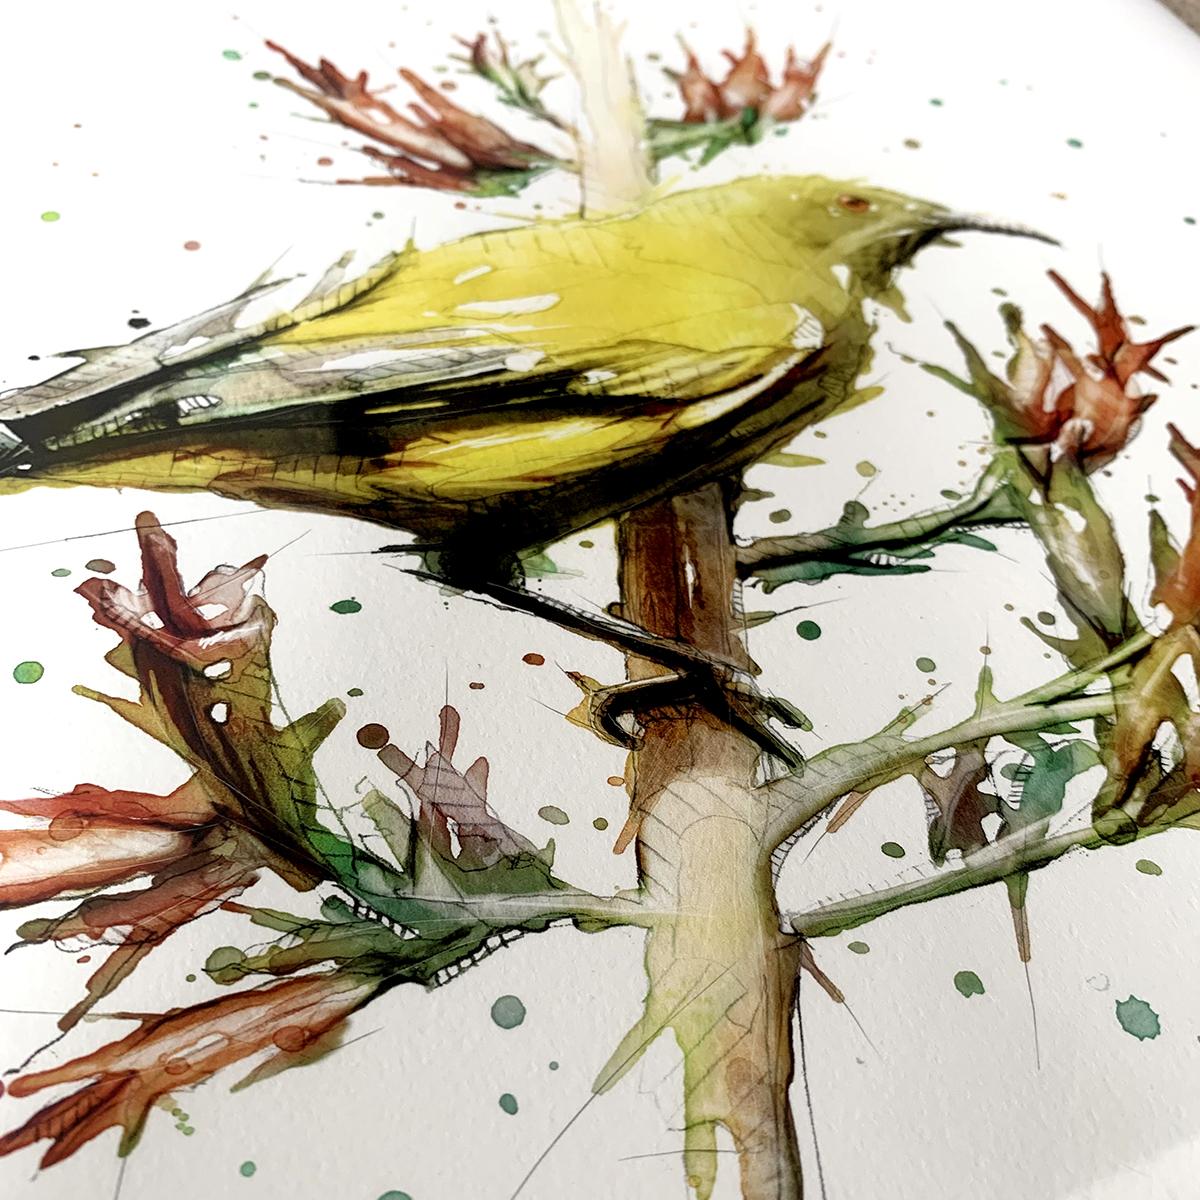 Bellbird_Closeup2.jpg